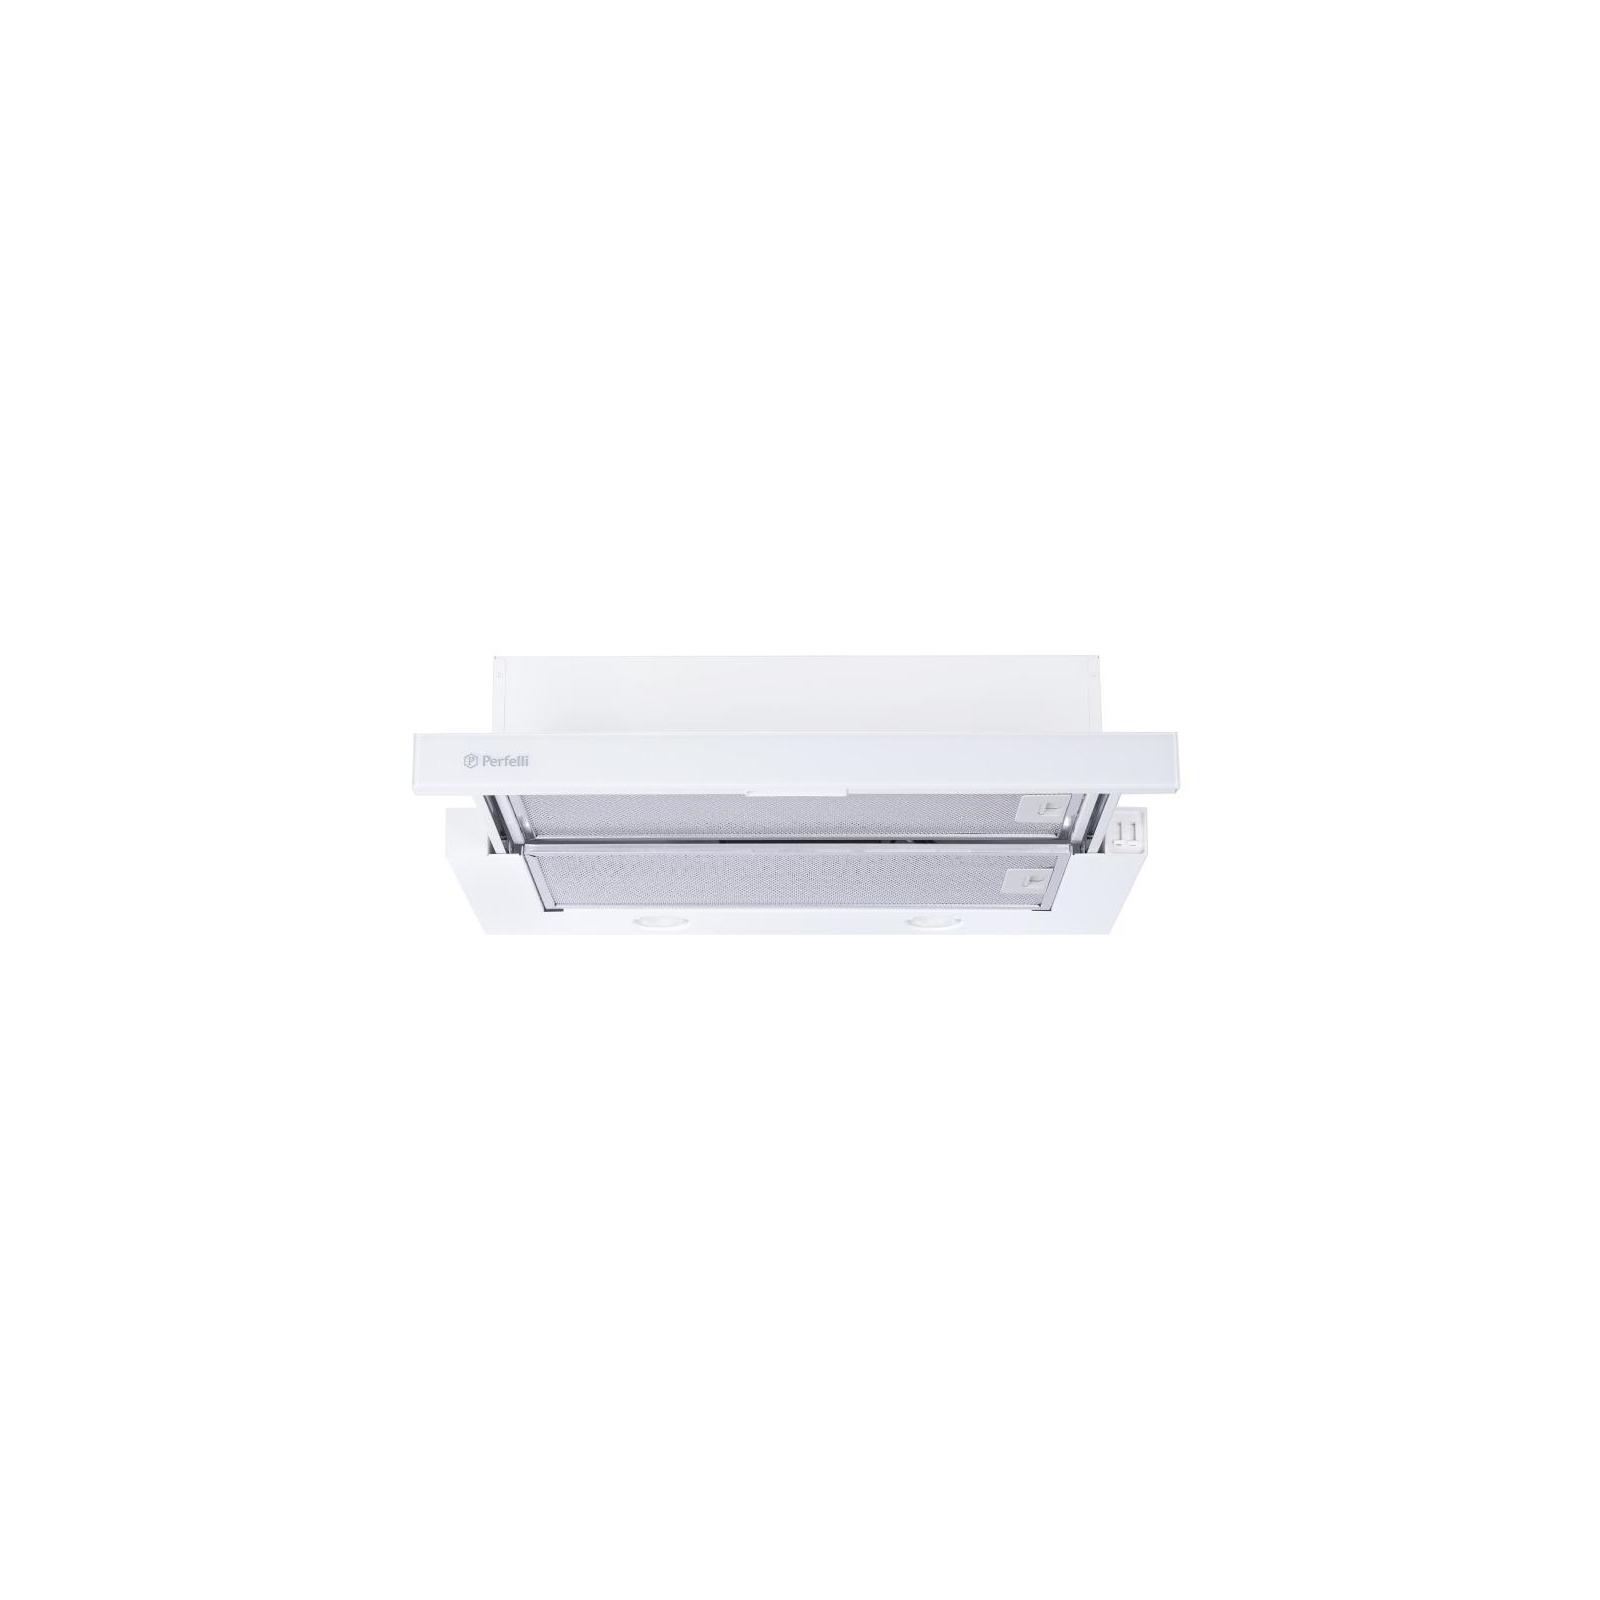 Вытяжка кухонная PERFELLI TL 6632 A 1000 W GLASS